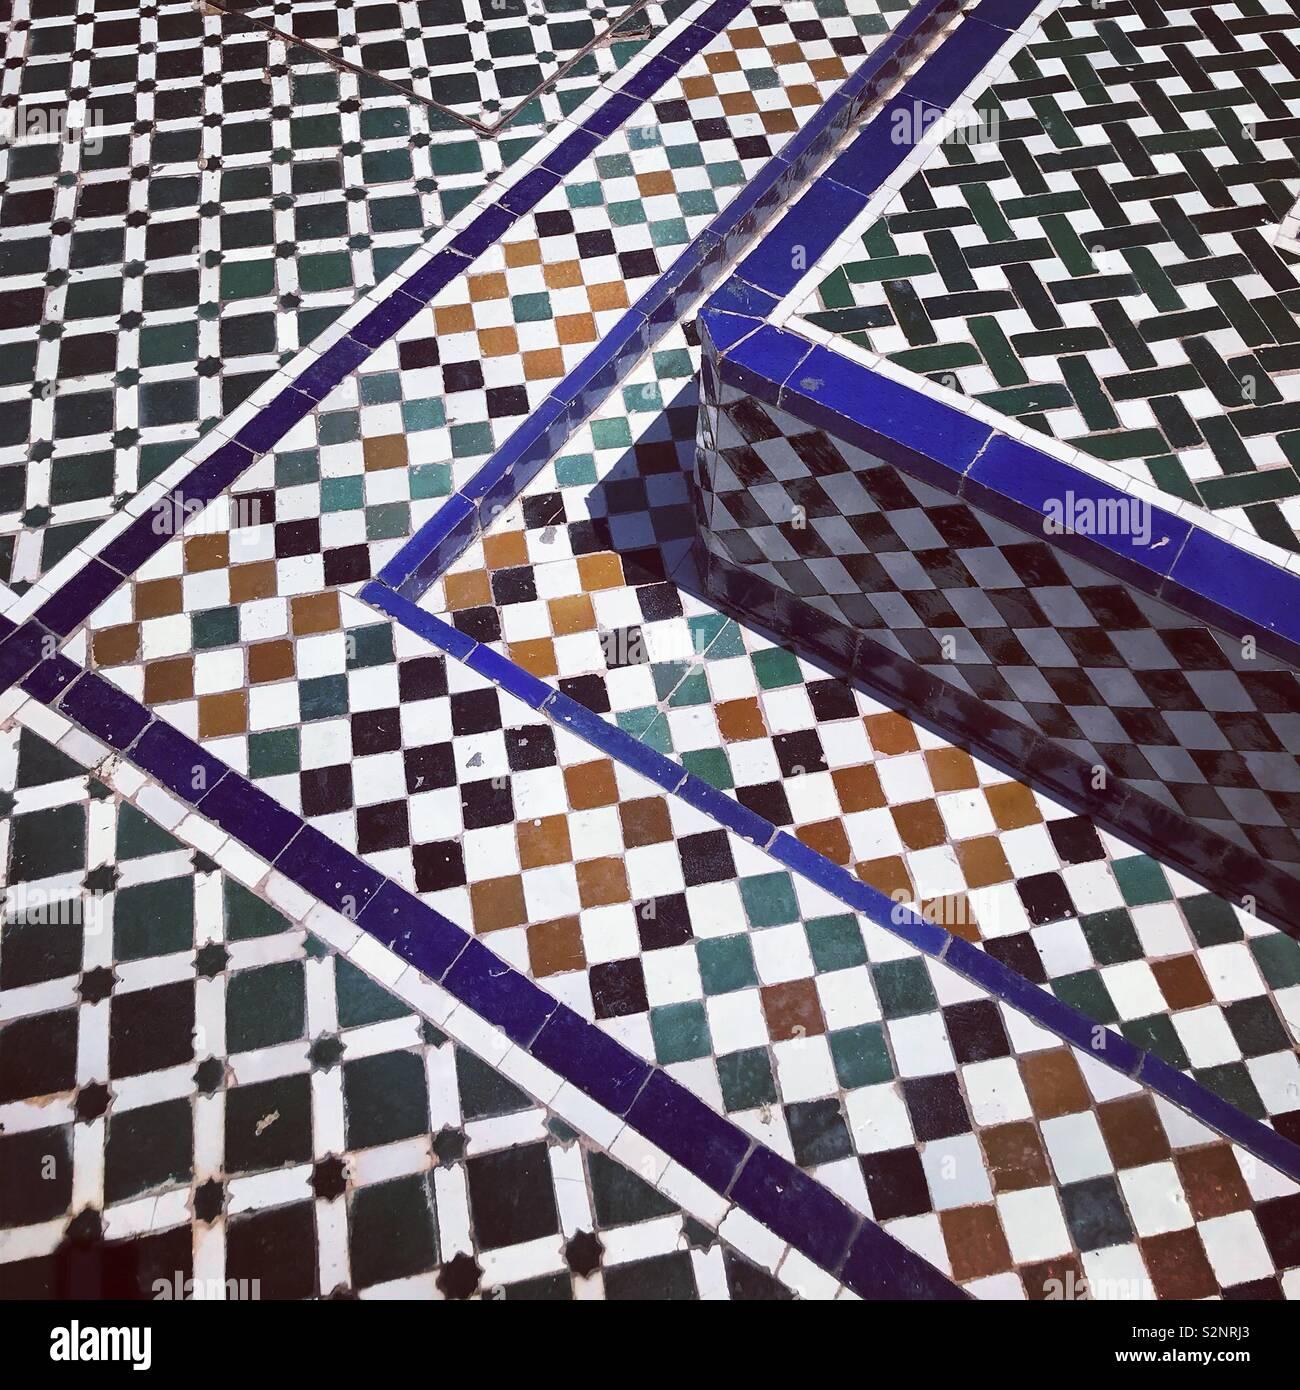 Pavimento piastrellato di Palazzo della Bahia in Marocco marrakech Africa del Nord Foto Stock